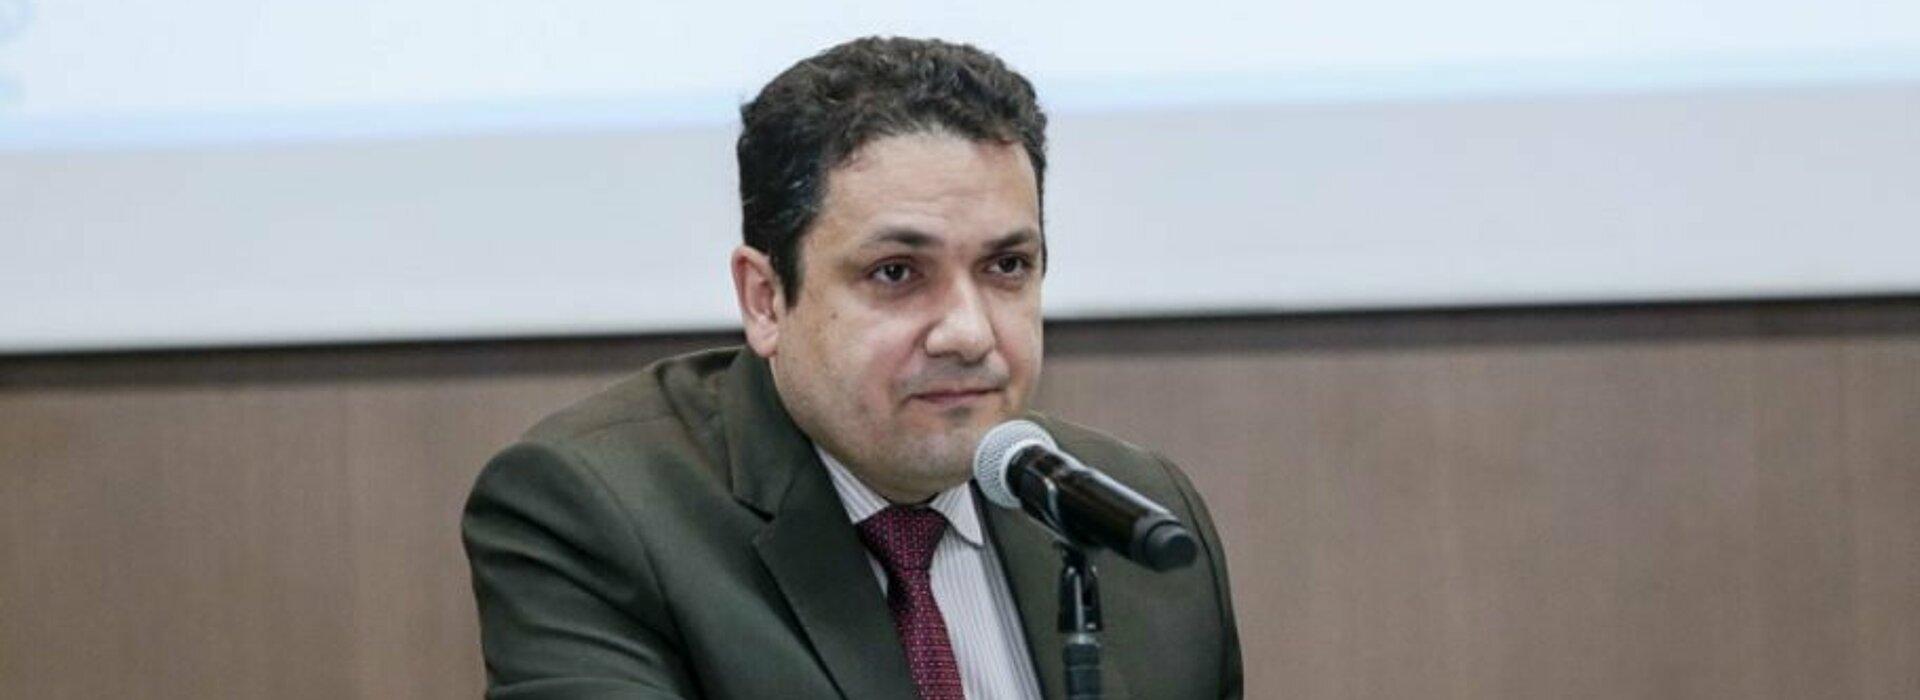 Anderson Correia, presidente da CAPES.